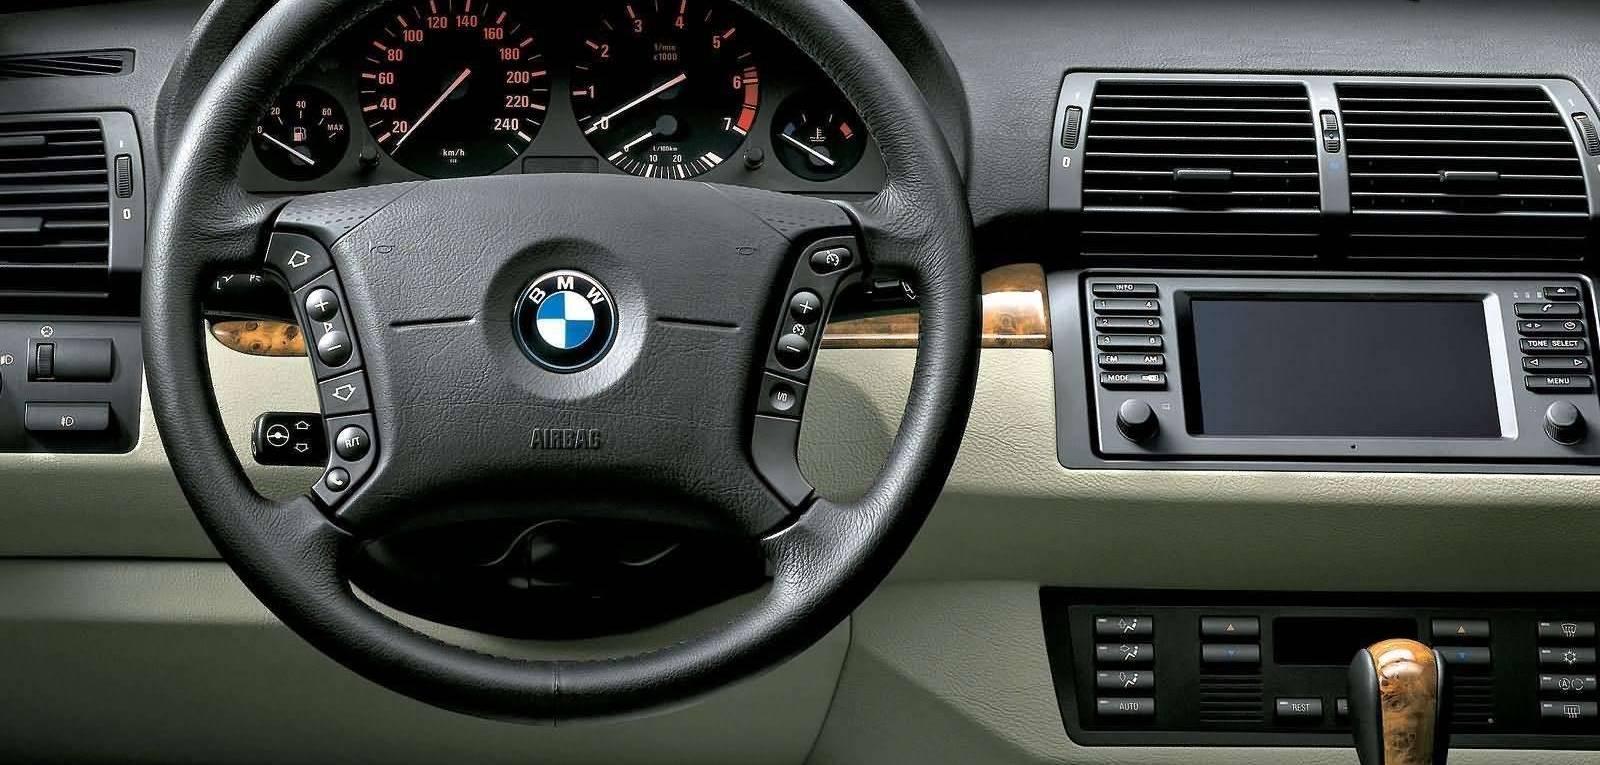 BMW X5 Series 2006 Interior Dashboard